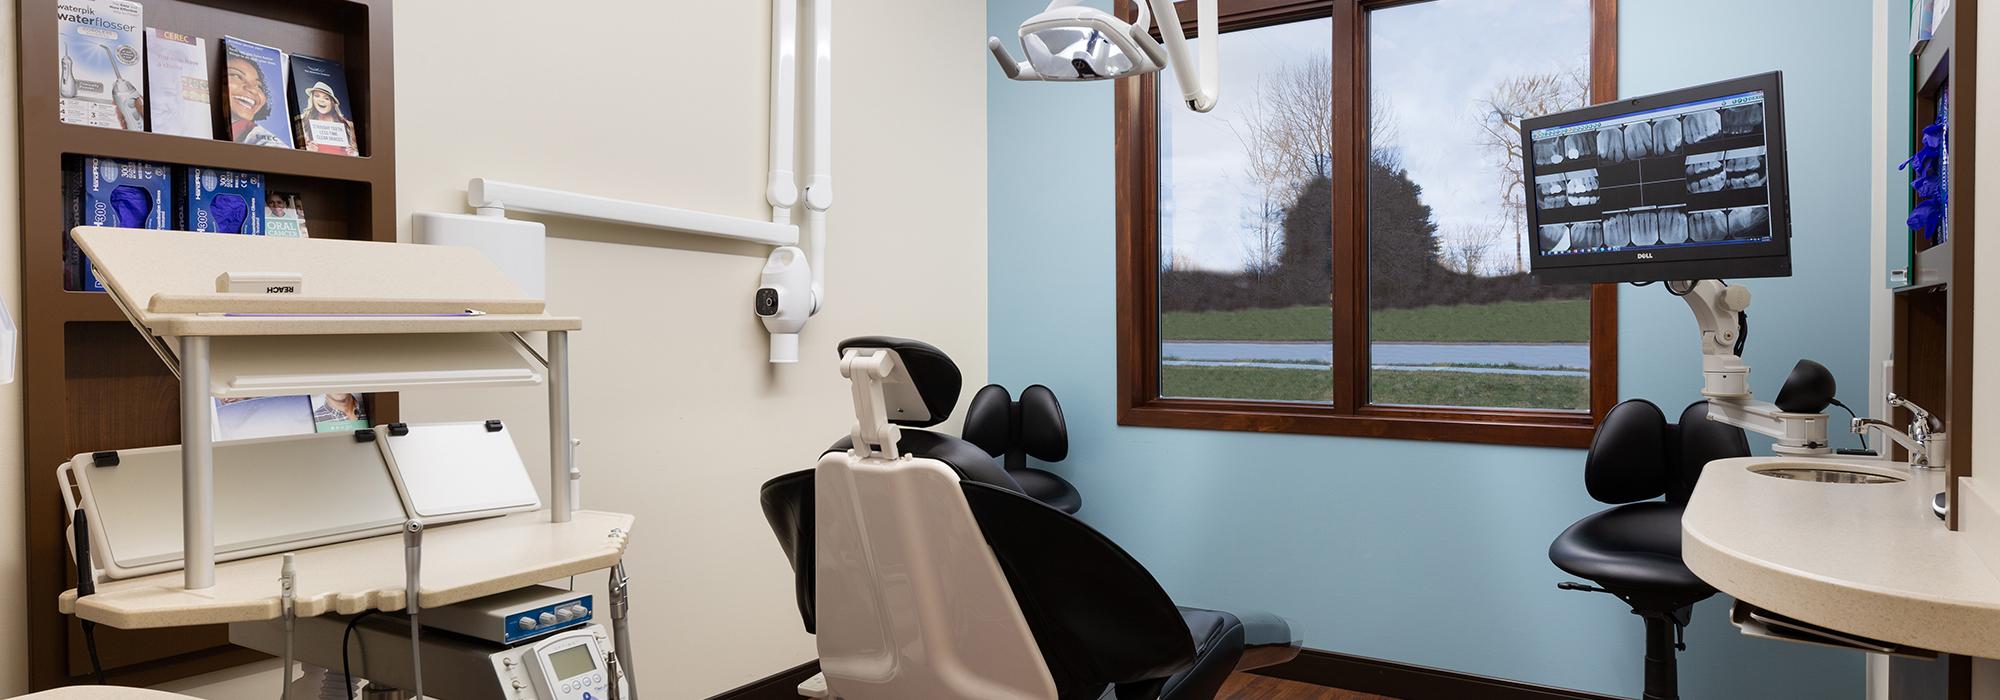 Dr. Ralph Becker's Treatment Room